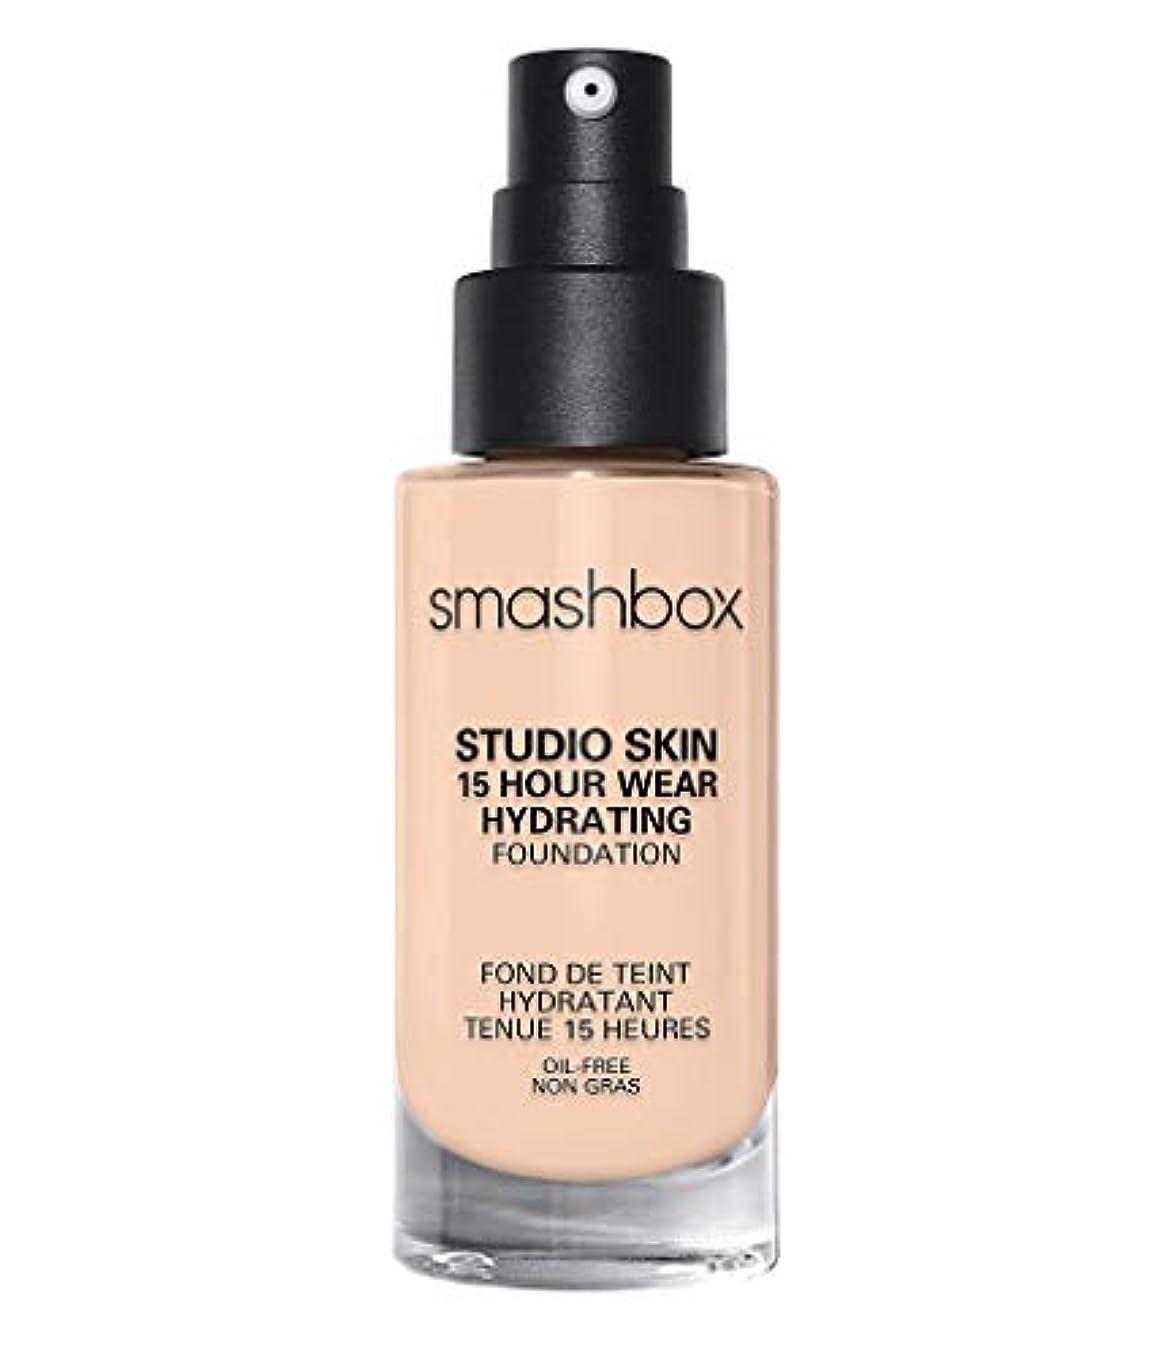 独裁手荷物委員長スマッシュボックス Studio Skin 15 Hour Wear Hydrating Foundation - # 0.3 Fair With Neutral Undertone 30ml/1oz並行輸入品